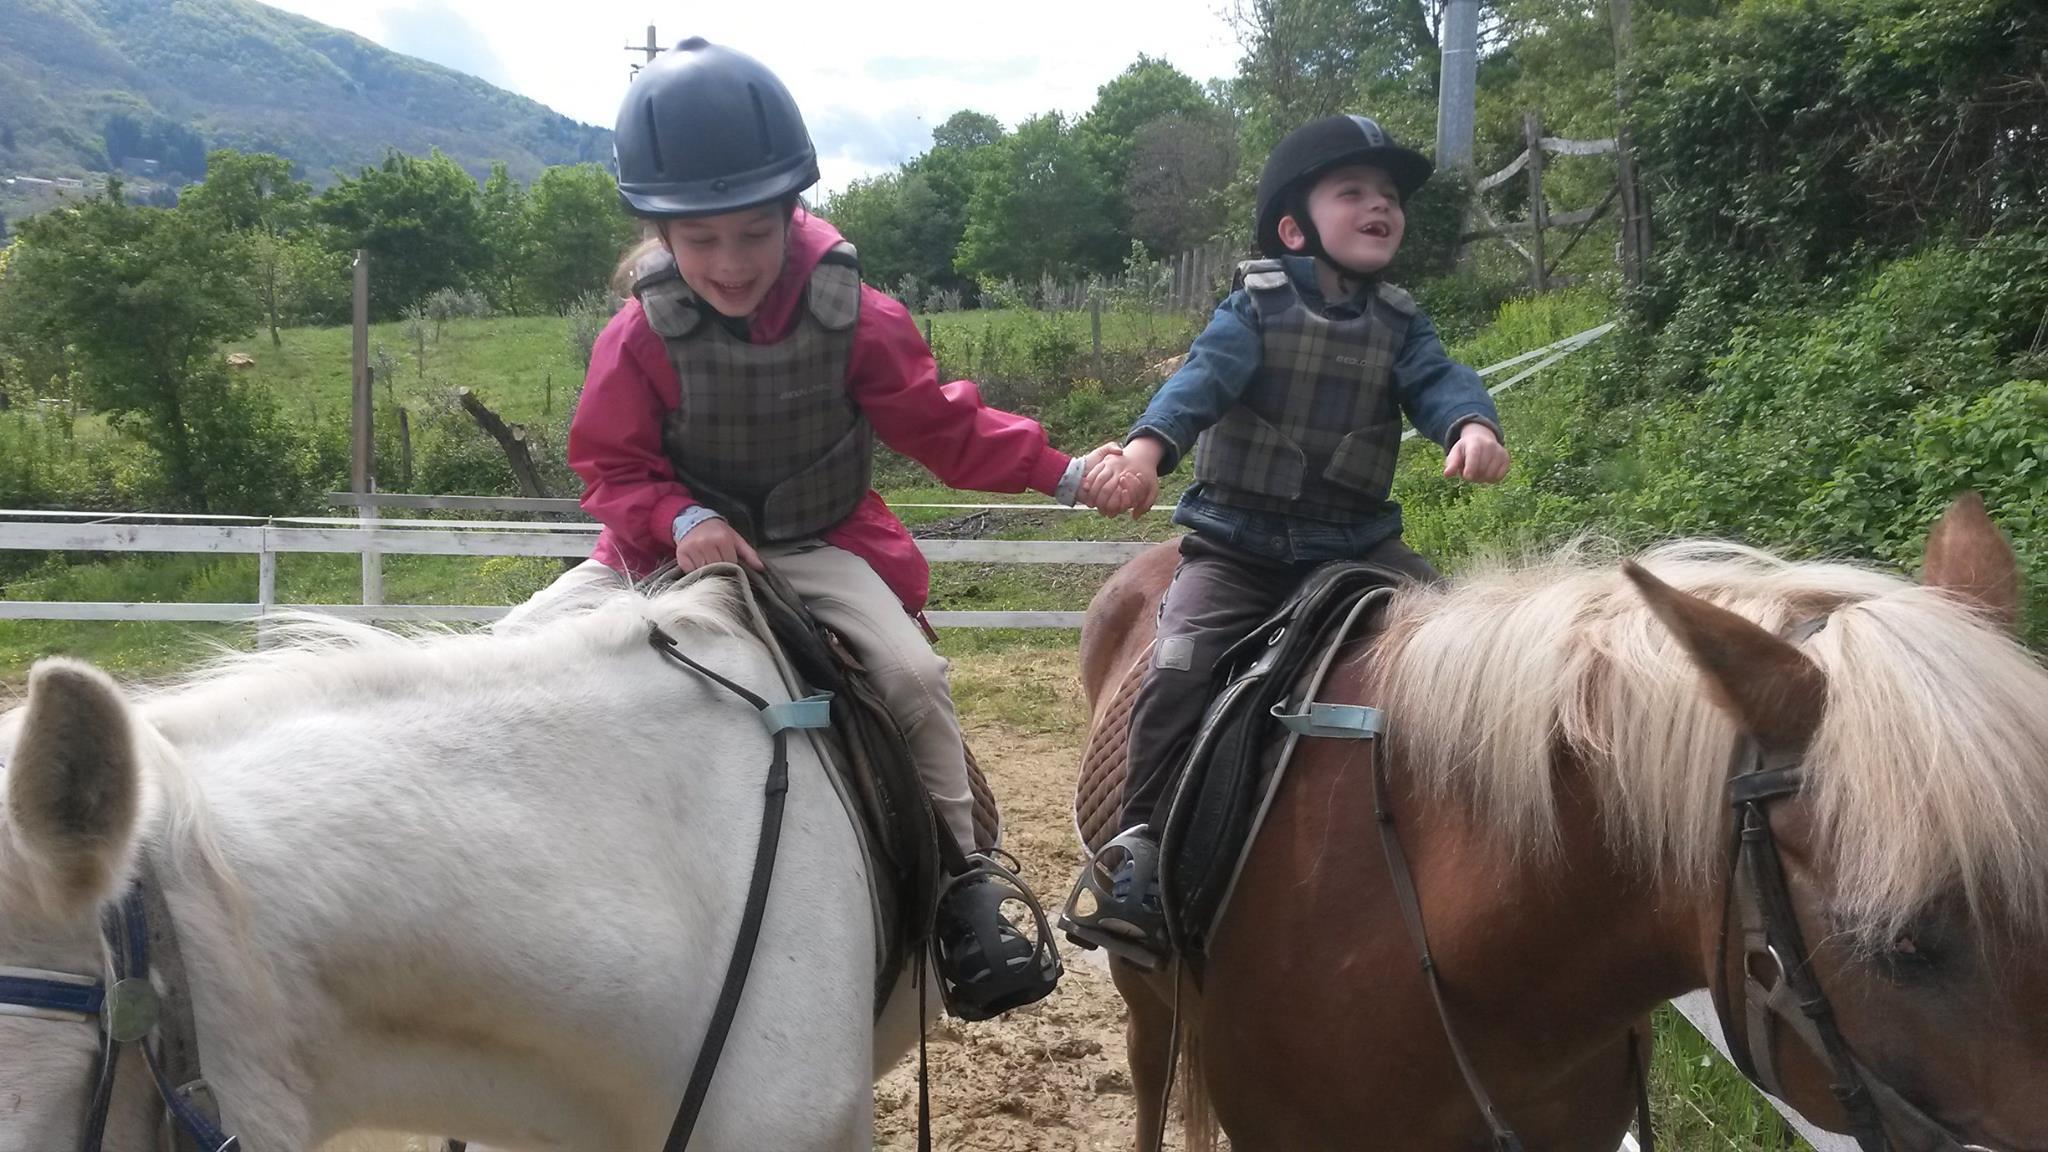 acc85e5f0d Corso di equitazione con pony, avvicinamento al cavallo per bambini ...